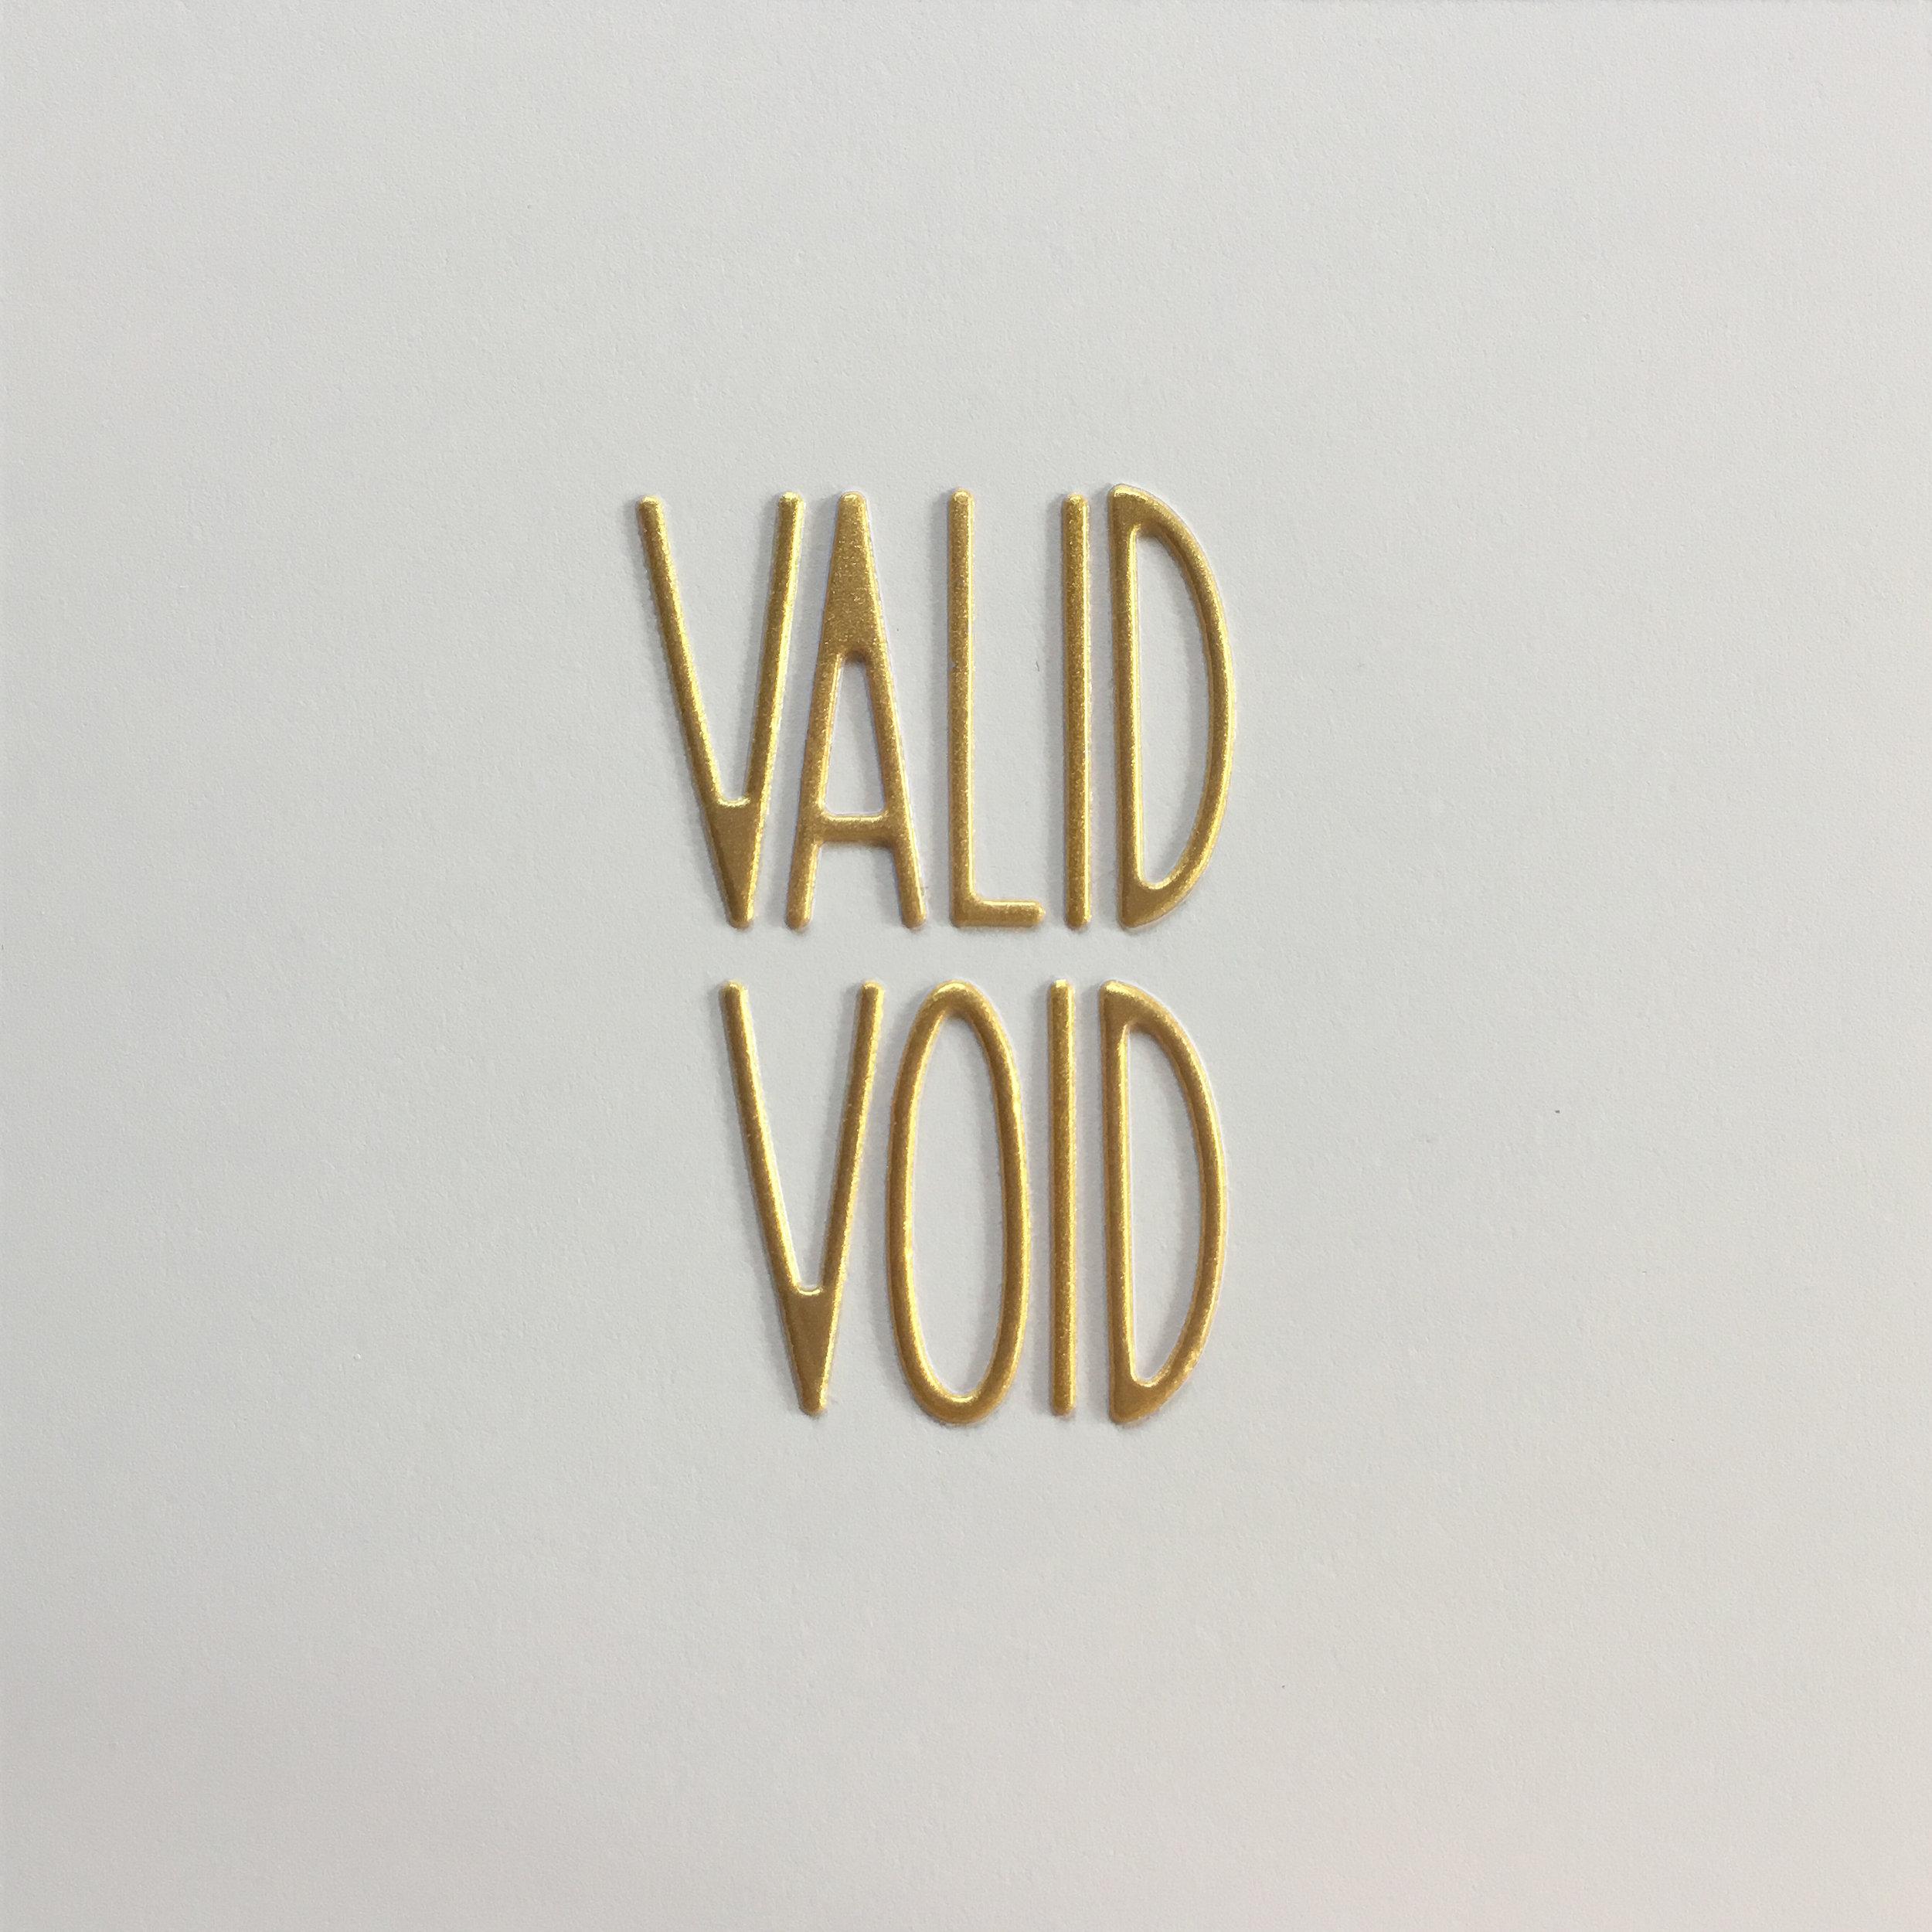 valid void.jpg